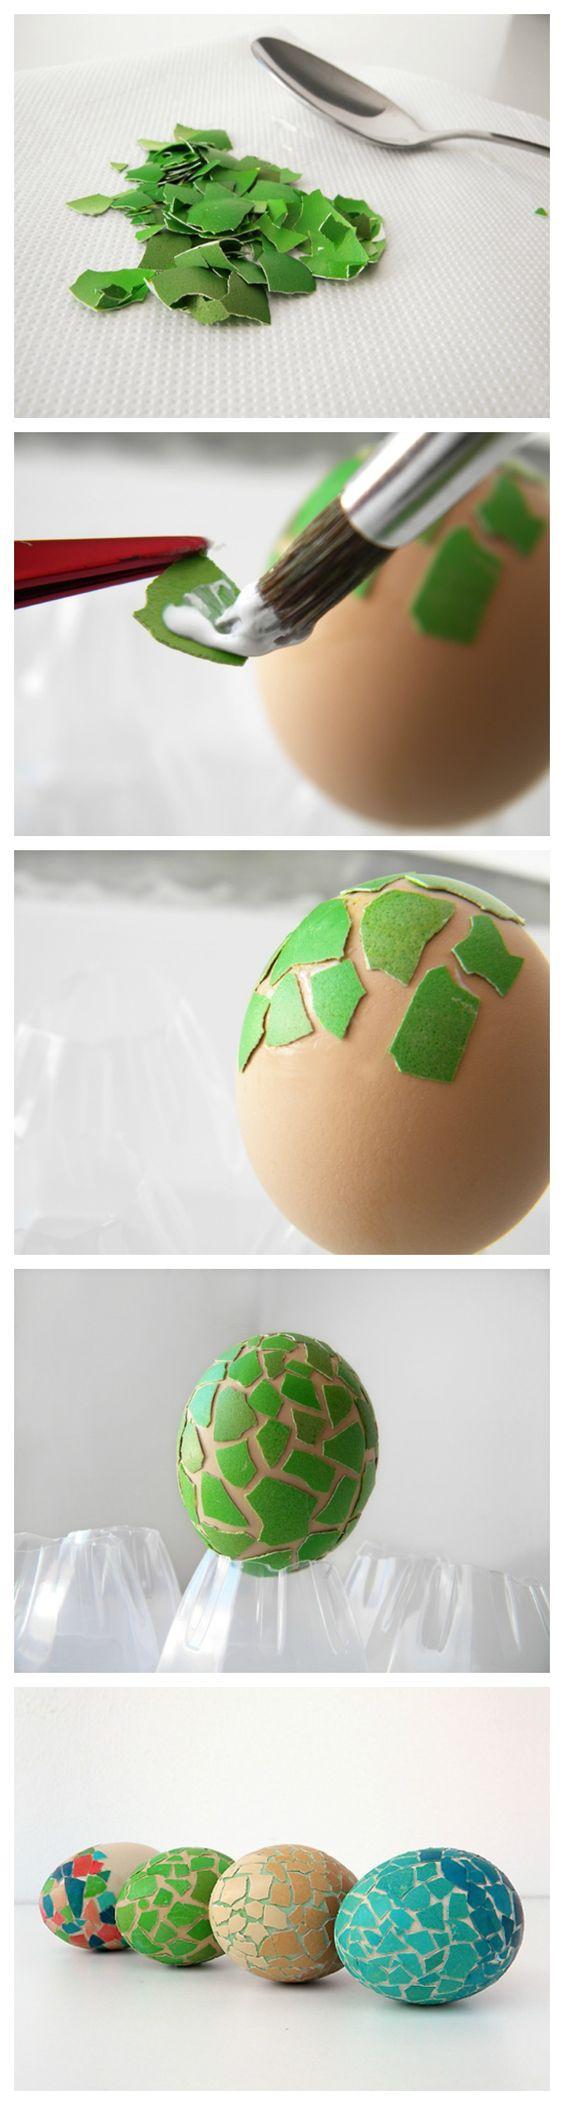 فكرة رائعة لتزيين بيض عيد الفصح